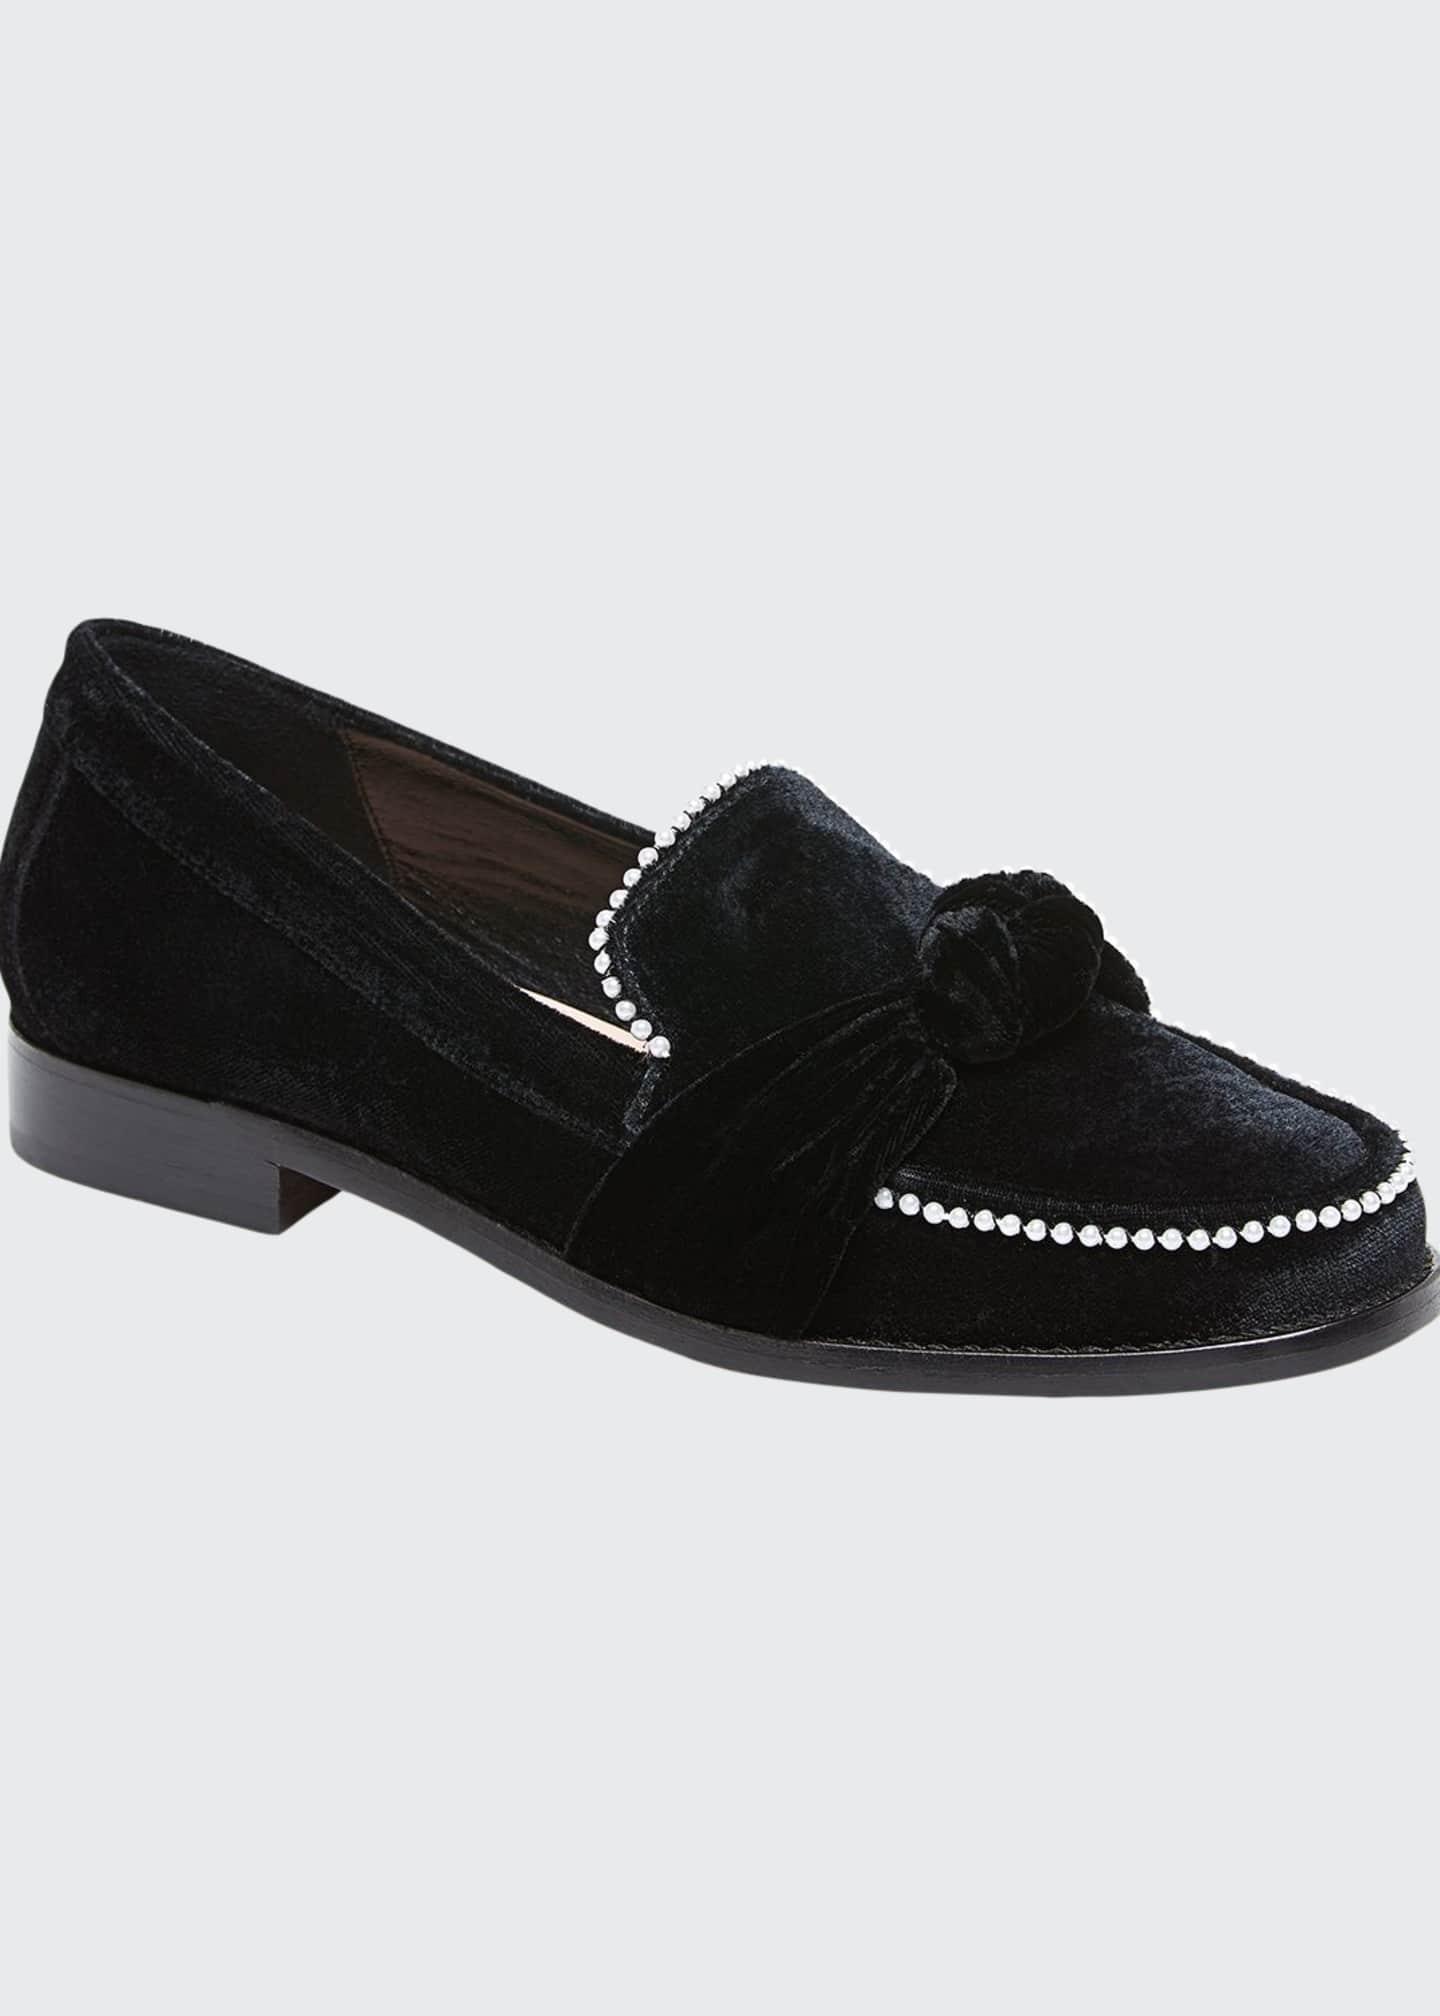 Loeffler Randall Elina Velvet Knot Loafers